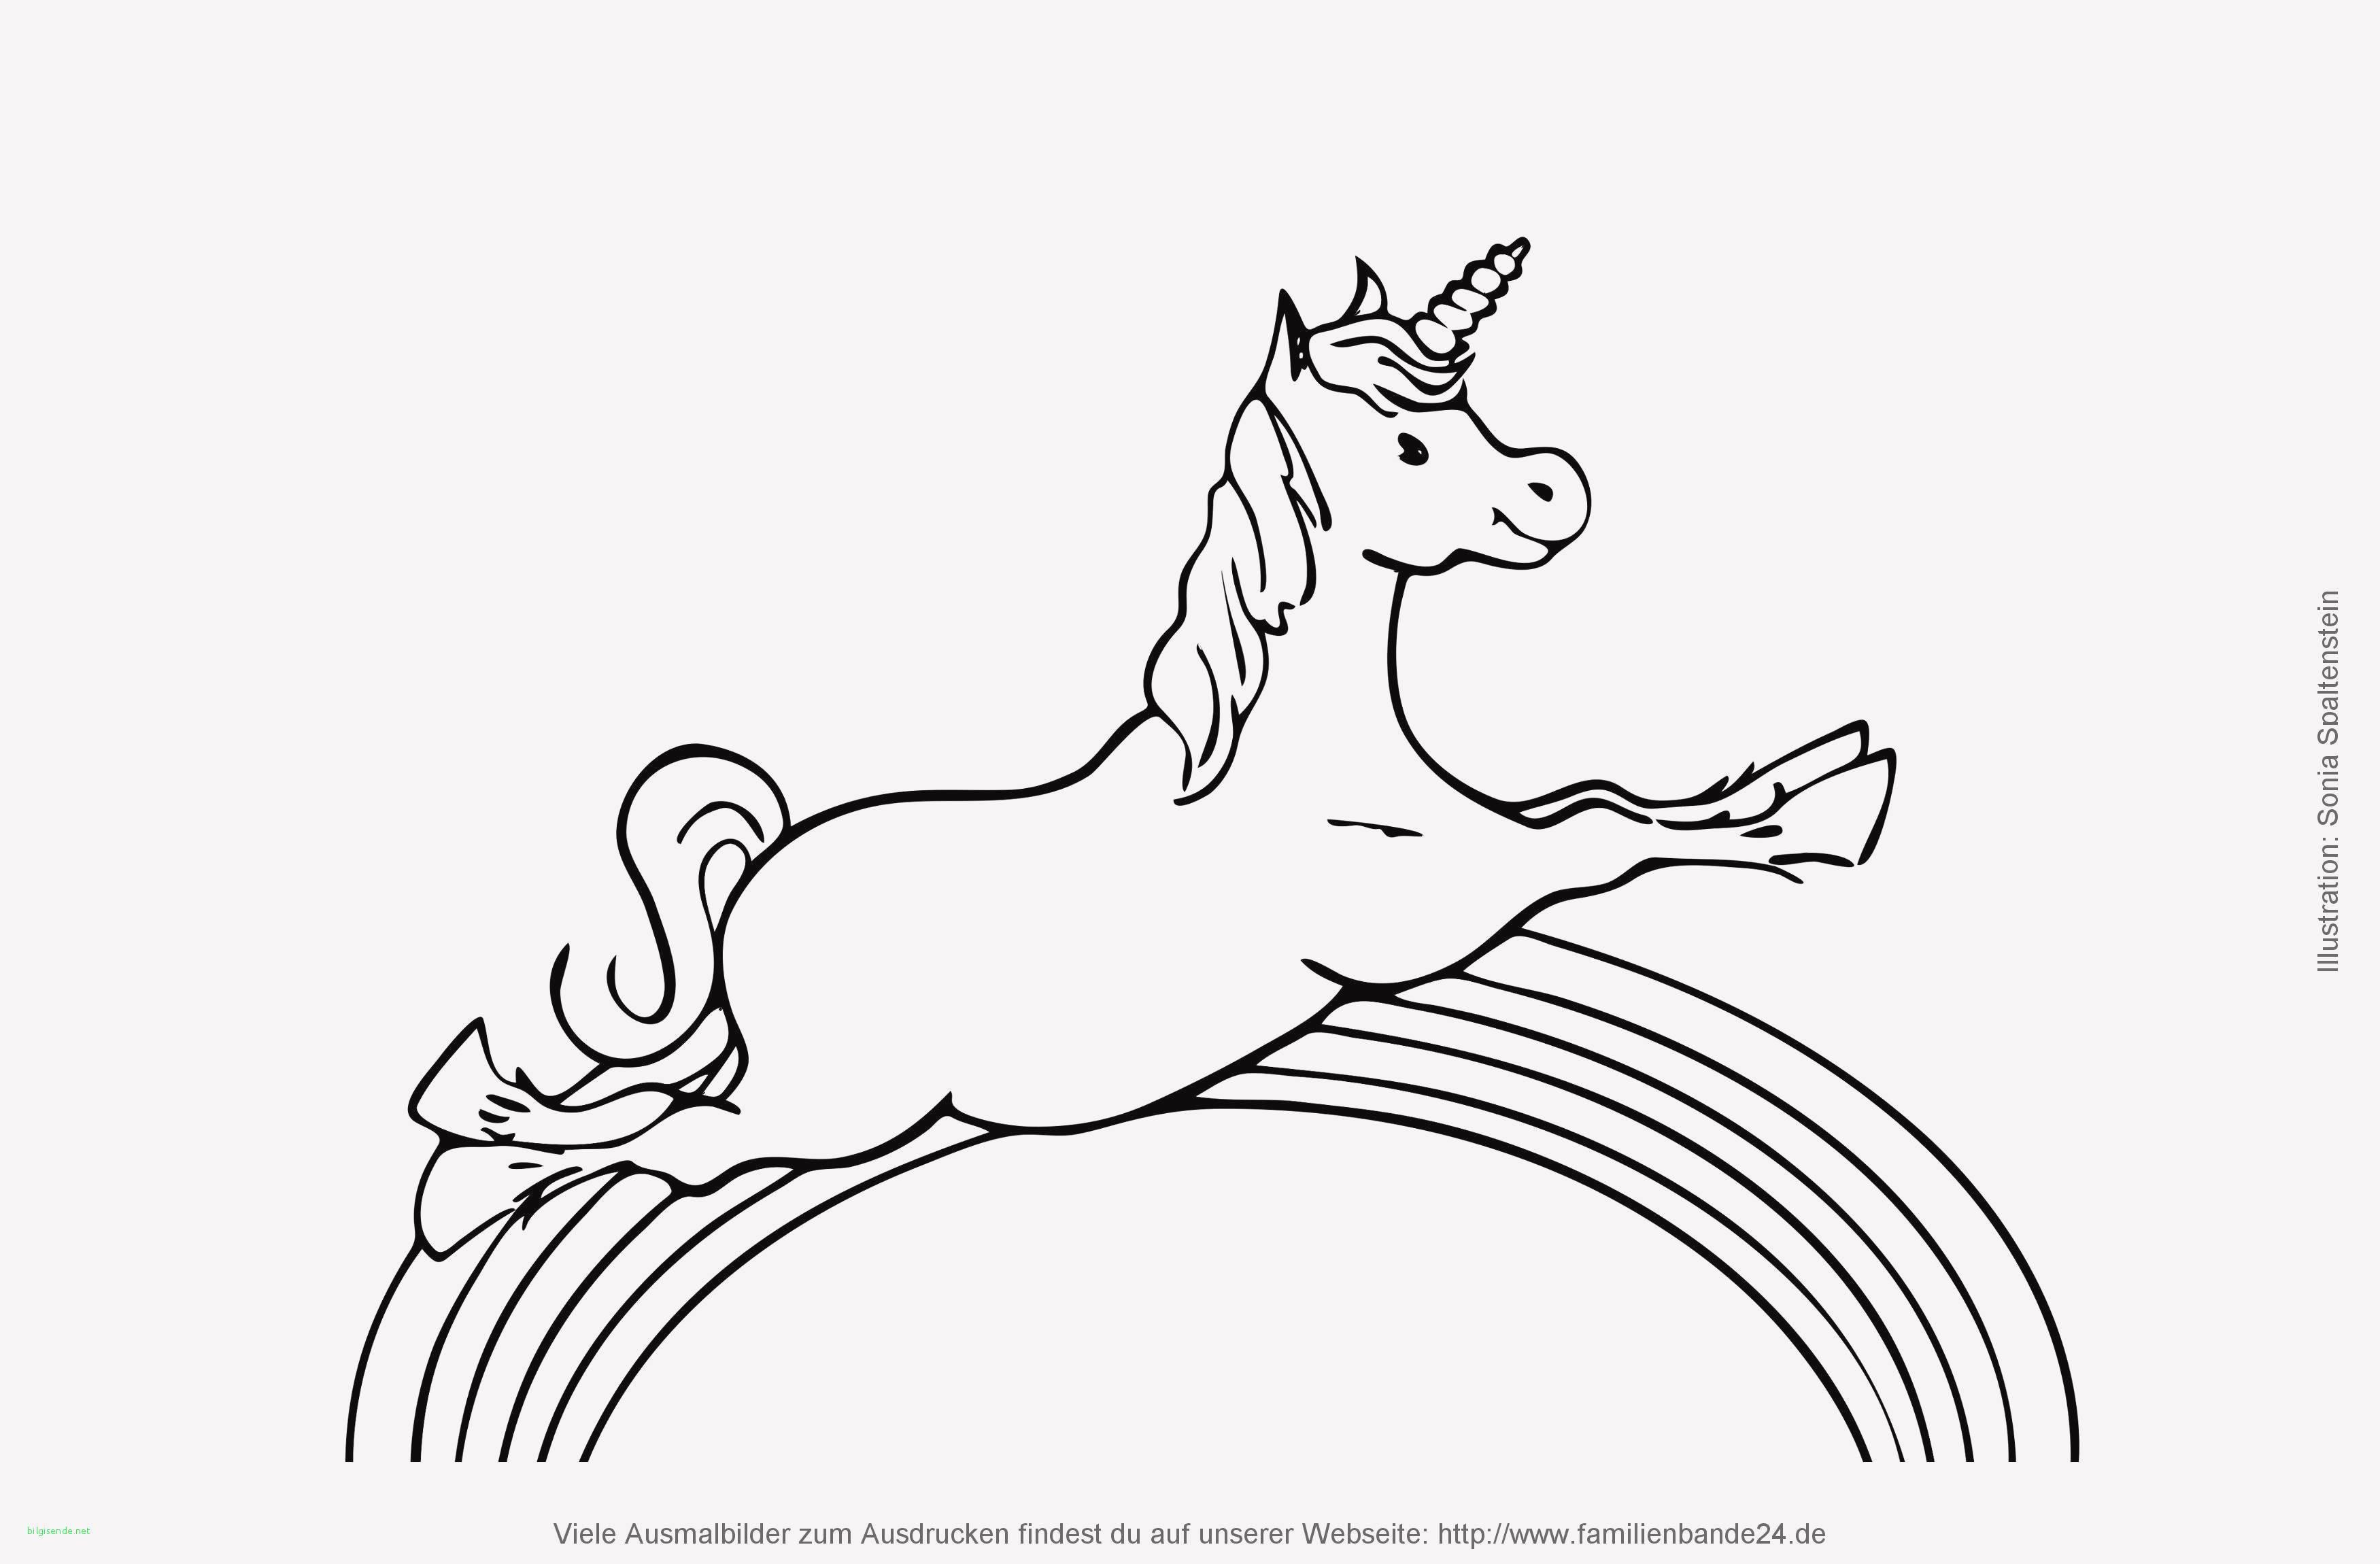 Ausmalbild Prinzessin Einhorn Genial 25 Genial Ausmalbilder Prinzessin Und Einhorn Das Bild